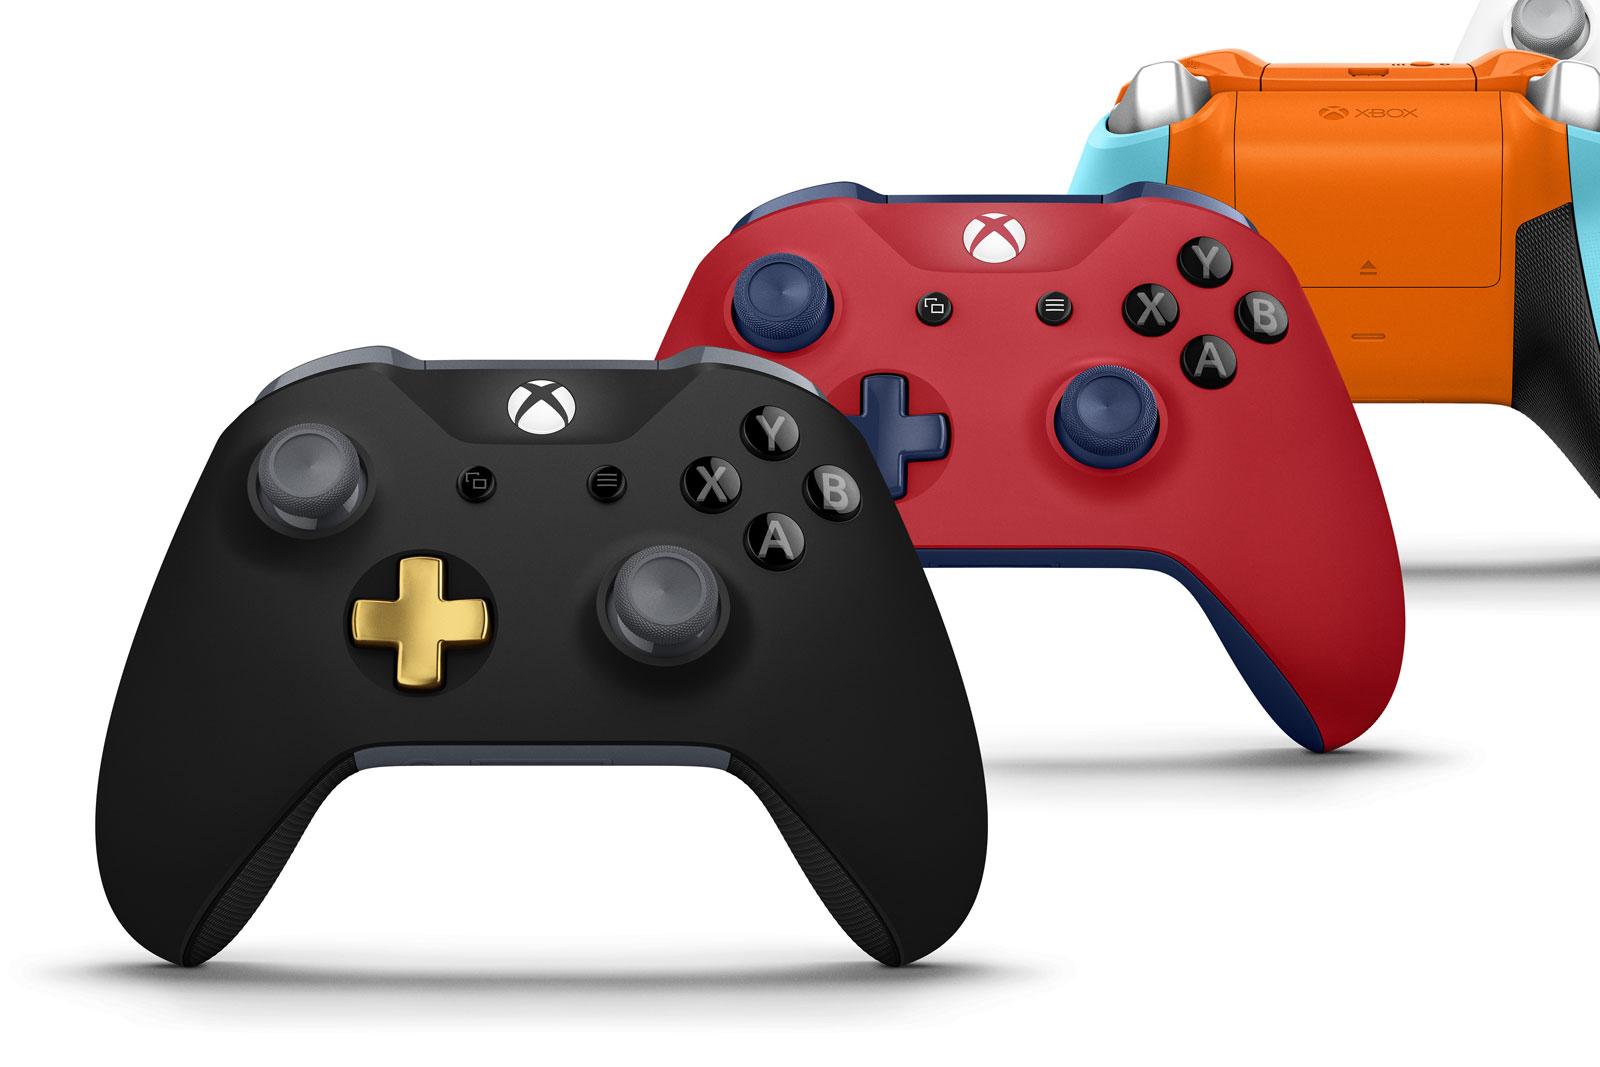 Gravure (Au lieu de 9.99€) et Livraison Offertes sur les Manettes Xbox Design Lab -  A partir de 64.99€